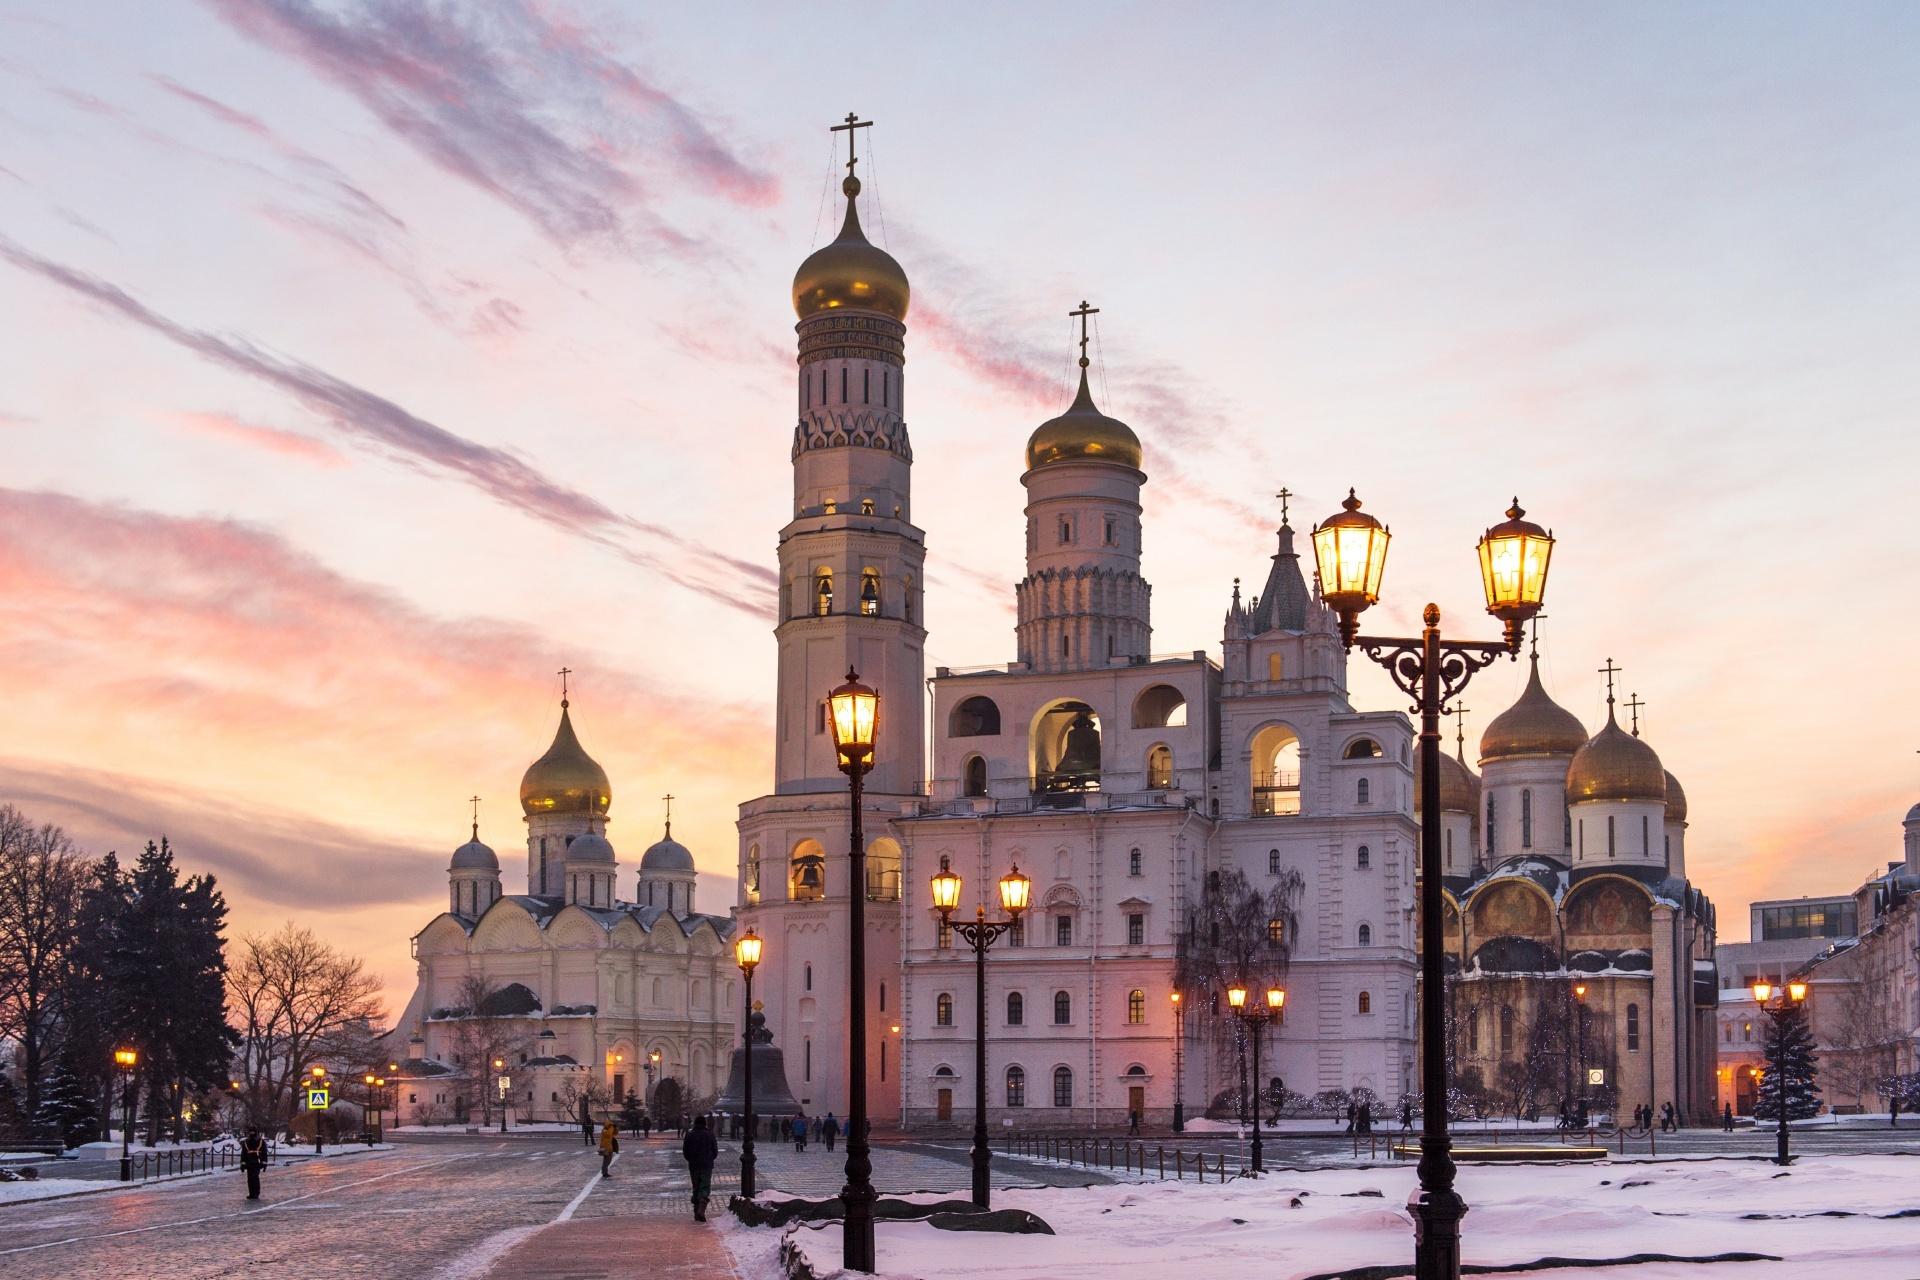 モスクワの冬の夕暮れの風景 イヴァン大帝の鐘楼とクレムリンの大聖堂